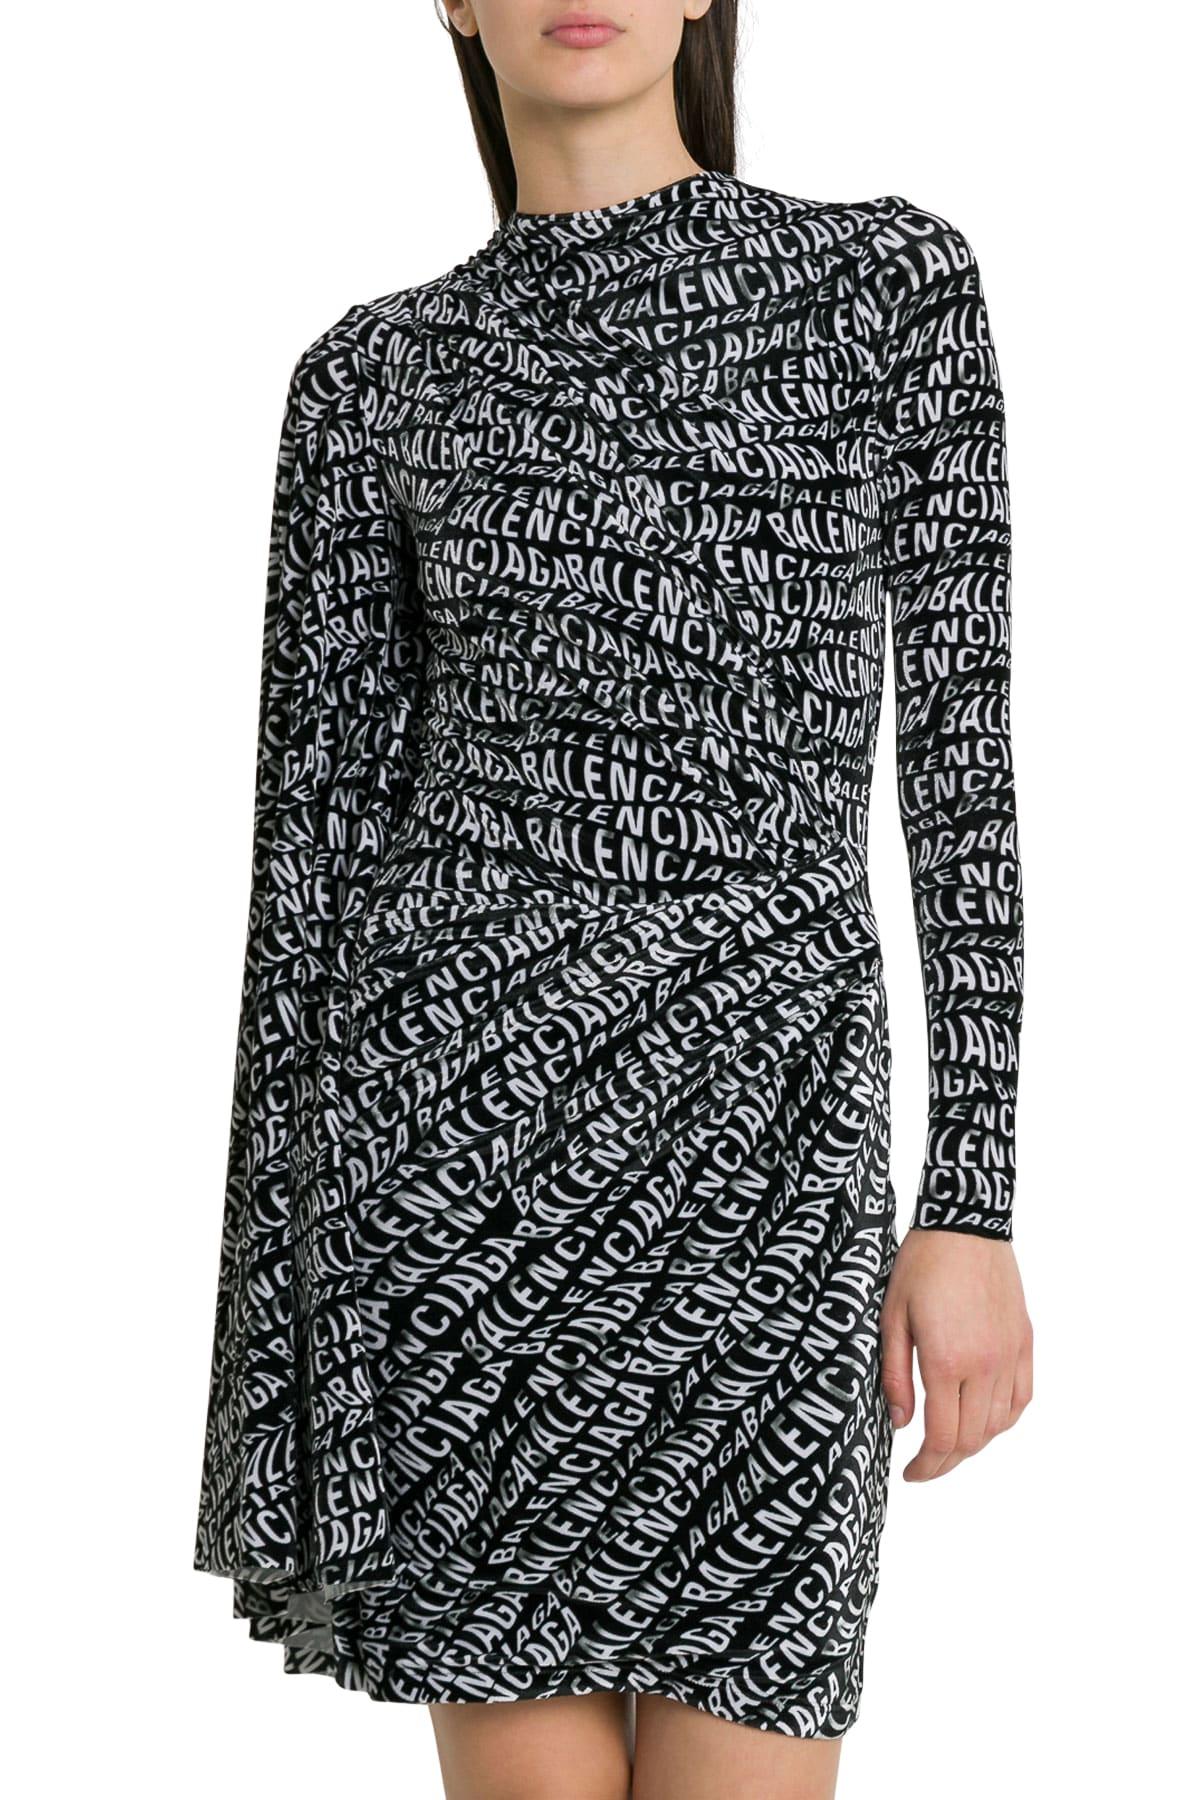 Balenciaga Asymmetric Dress With Allover Logo And Dolman Sleeve